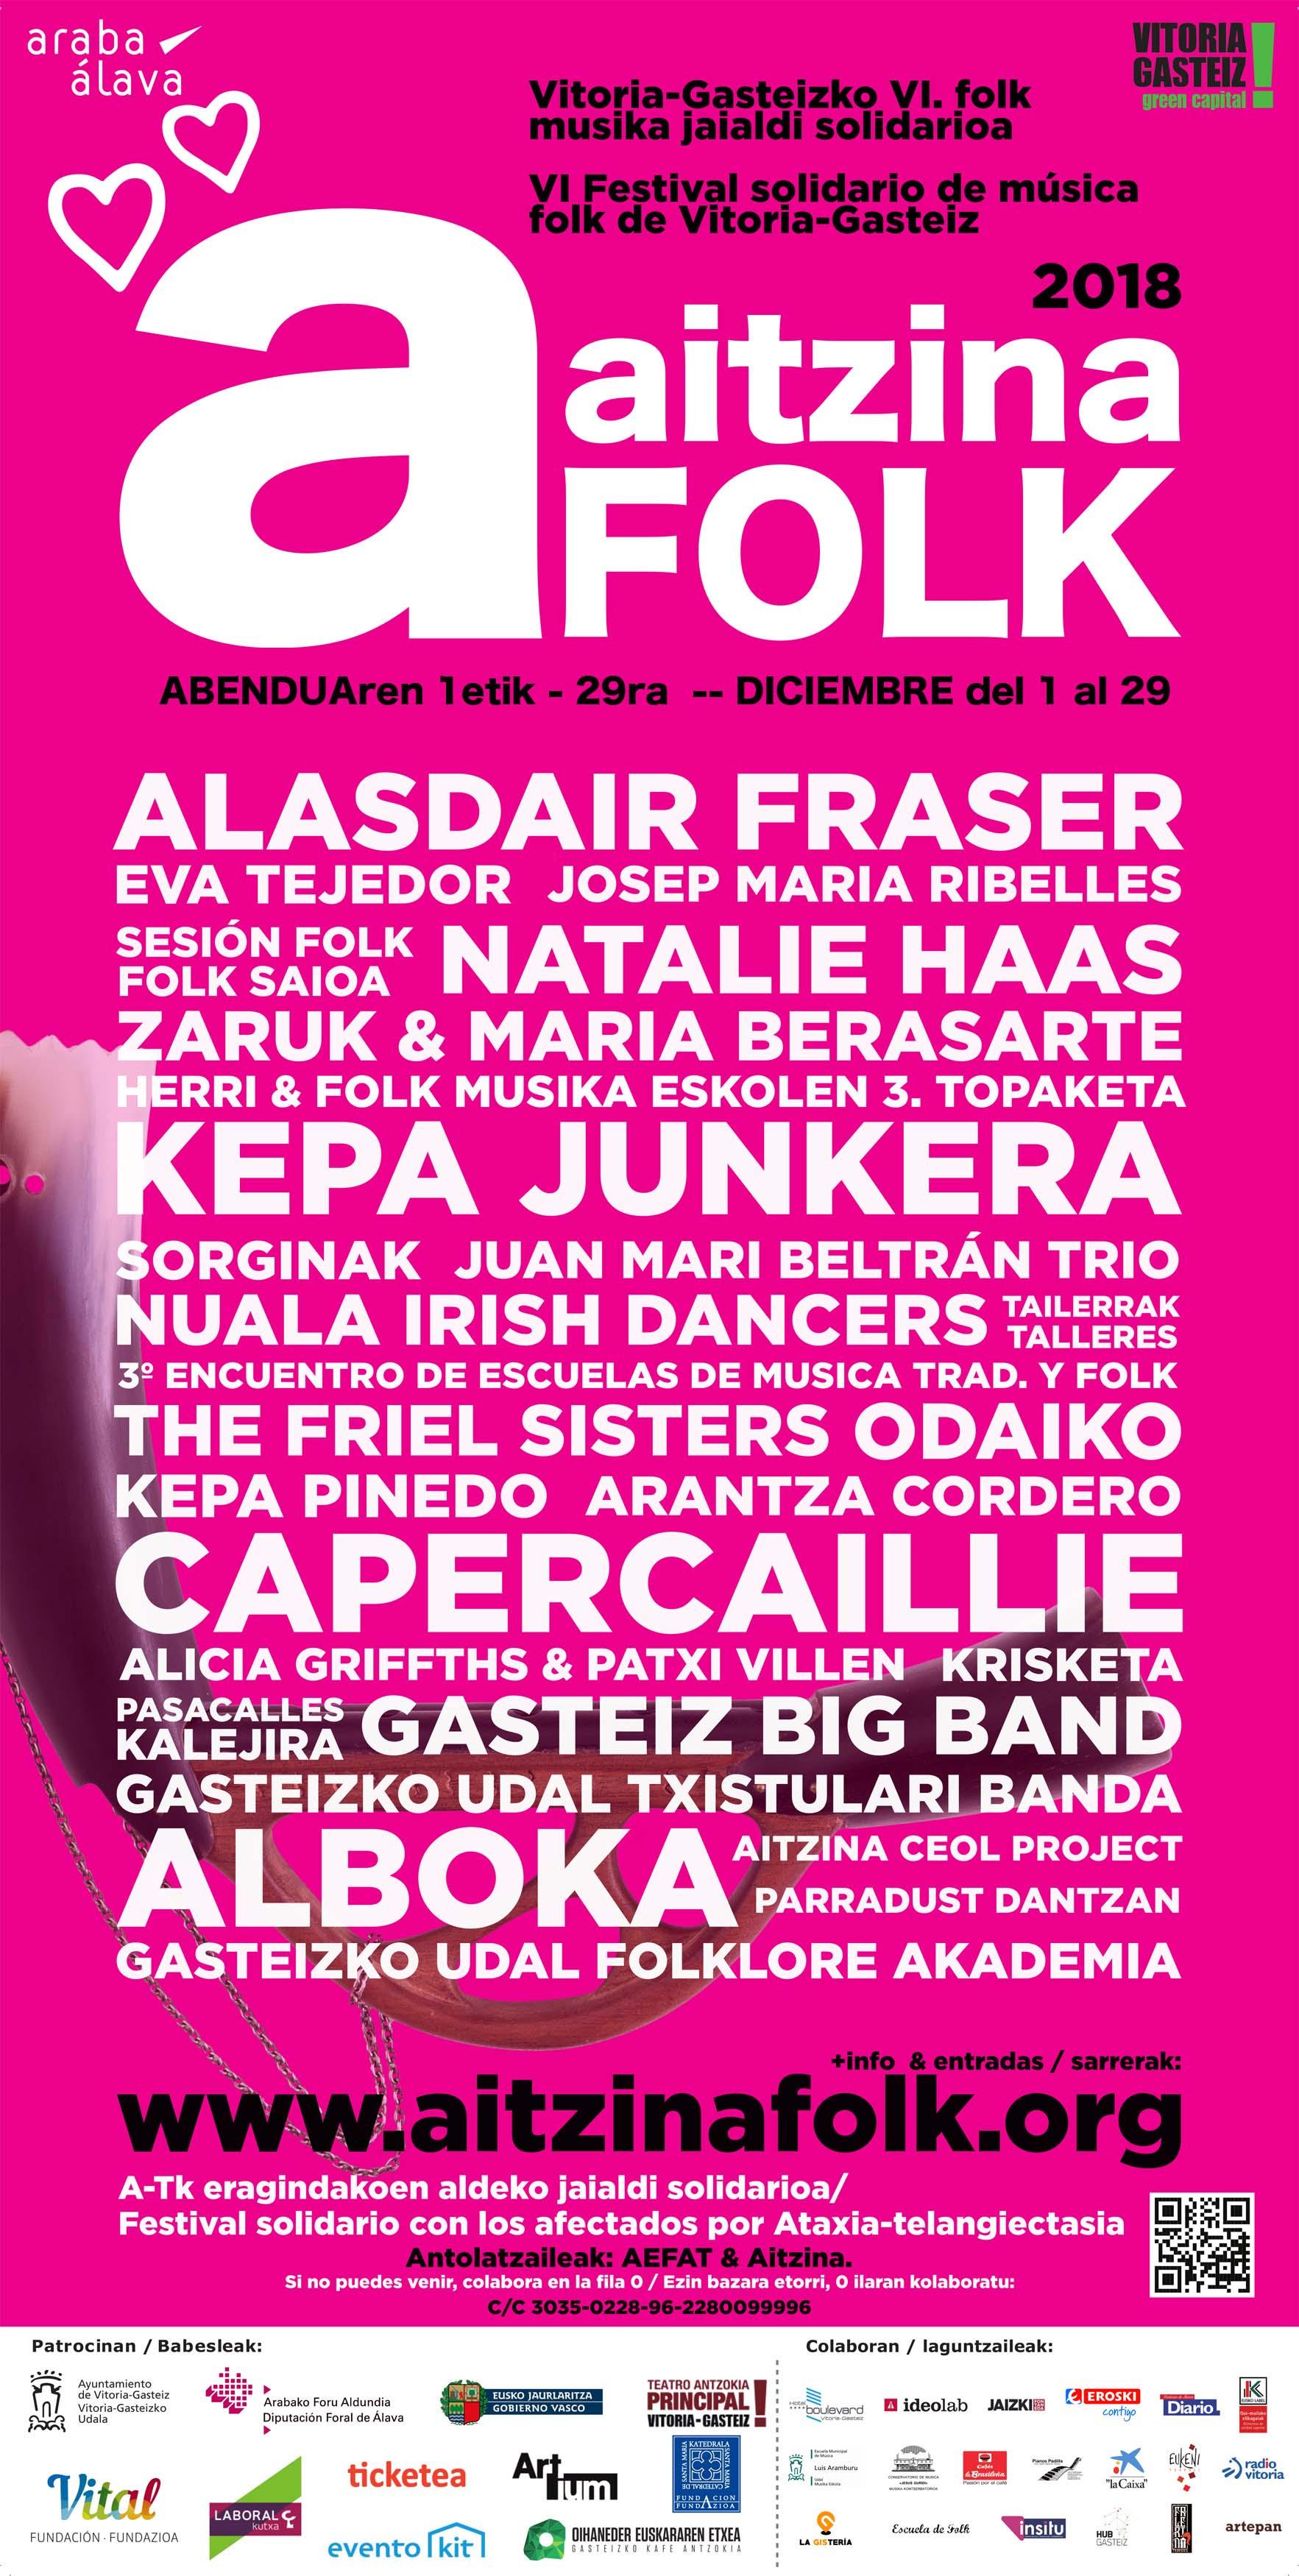 aitzina folk 2018 cartel